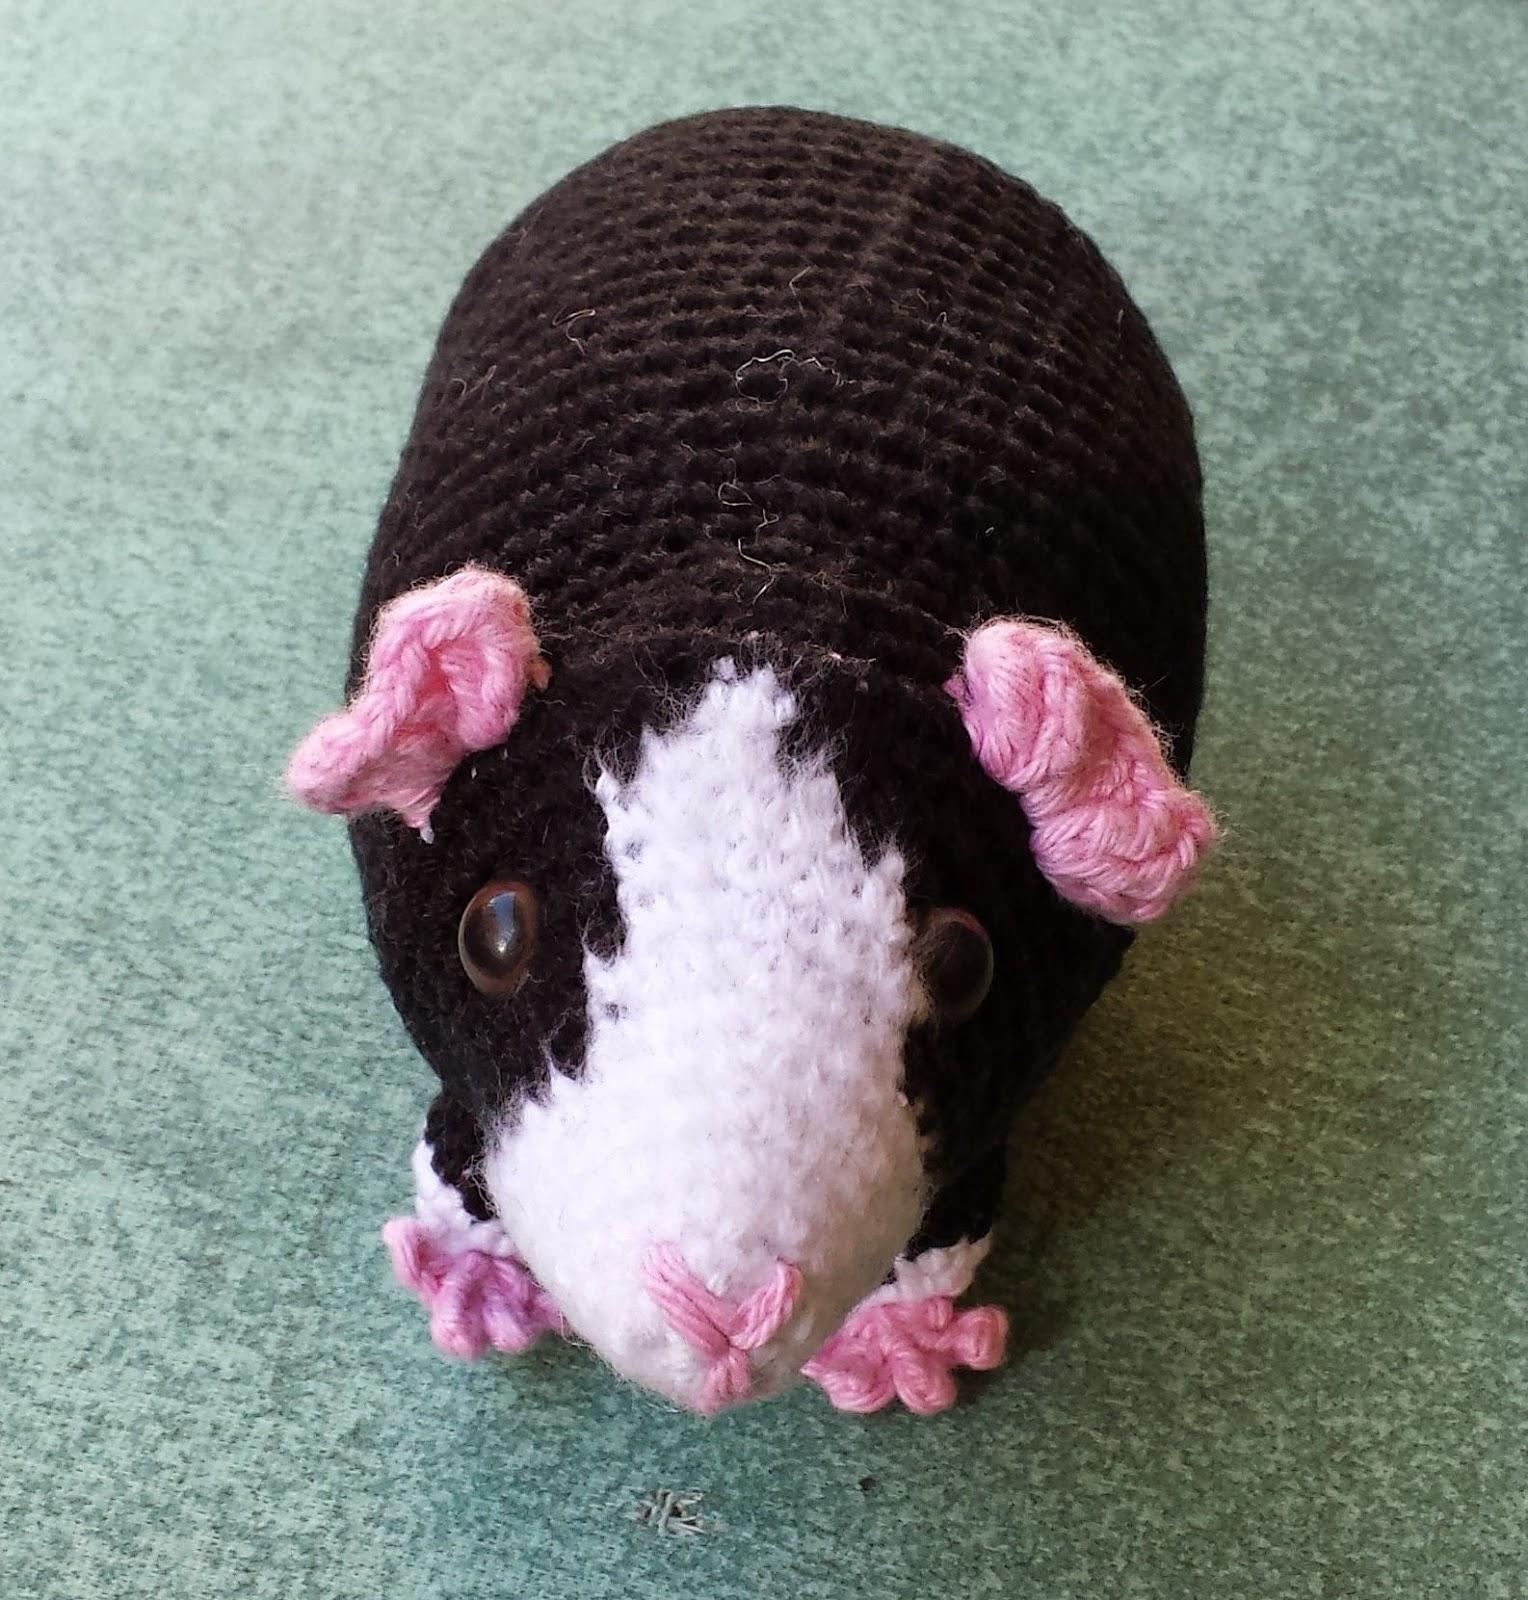 Ziemlich Süße Meerschweinchen Malvorlagen Fotos - Beispiel ...